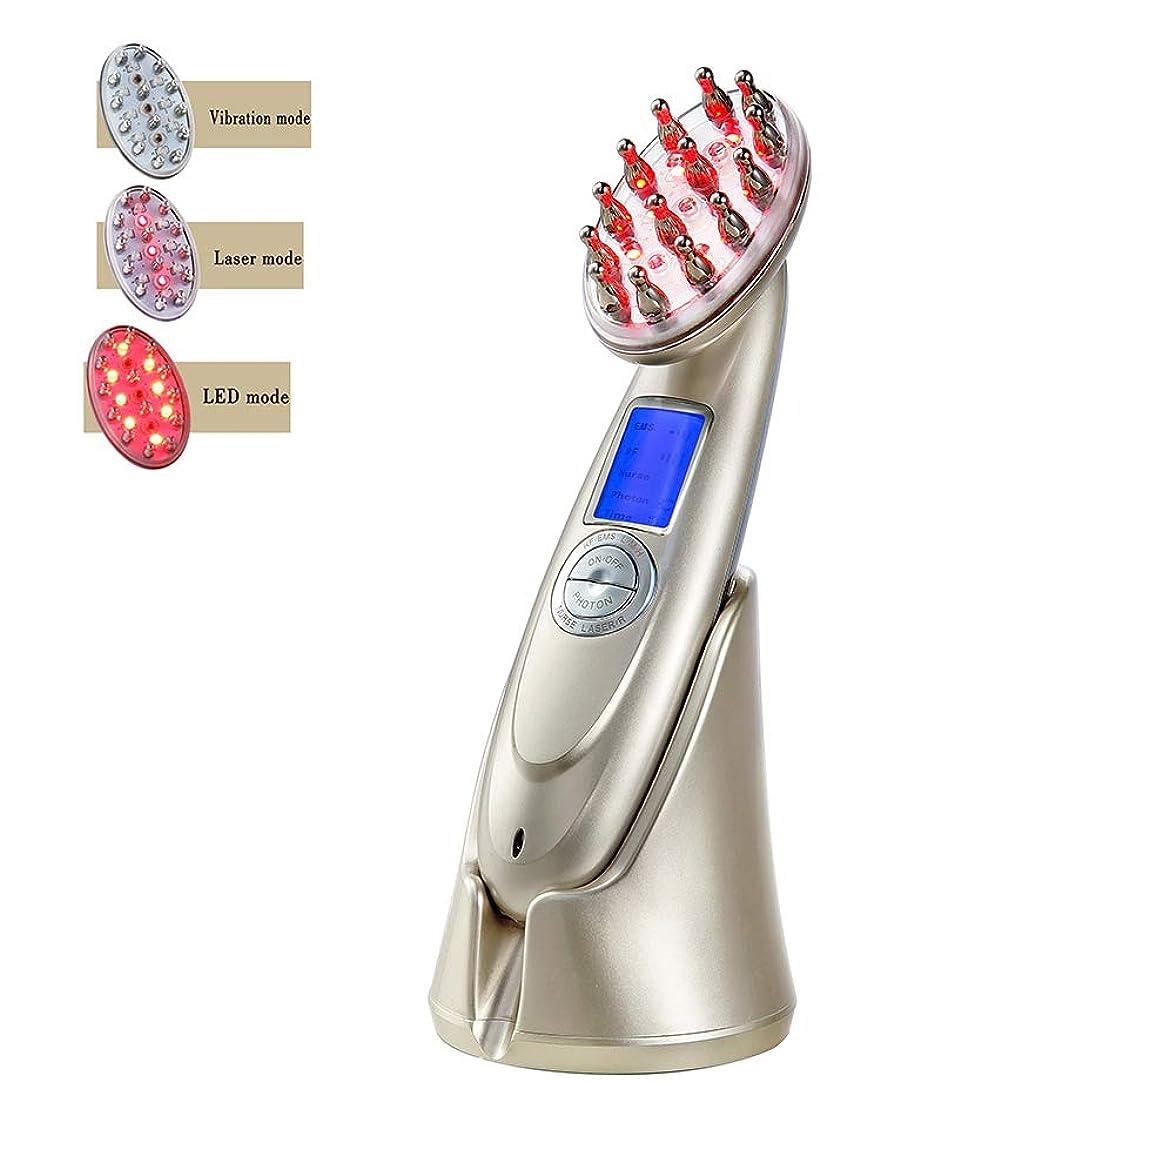 派生するささいなブリークプロの電気髪成長レーザー櫛 RF EMS LED 光子光療法ブラシ抗脱毛治療マッサージヘア再生ブラシ